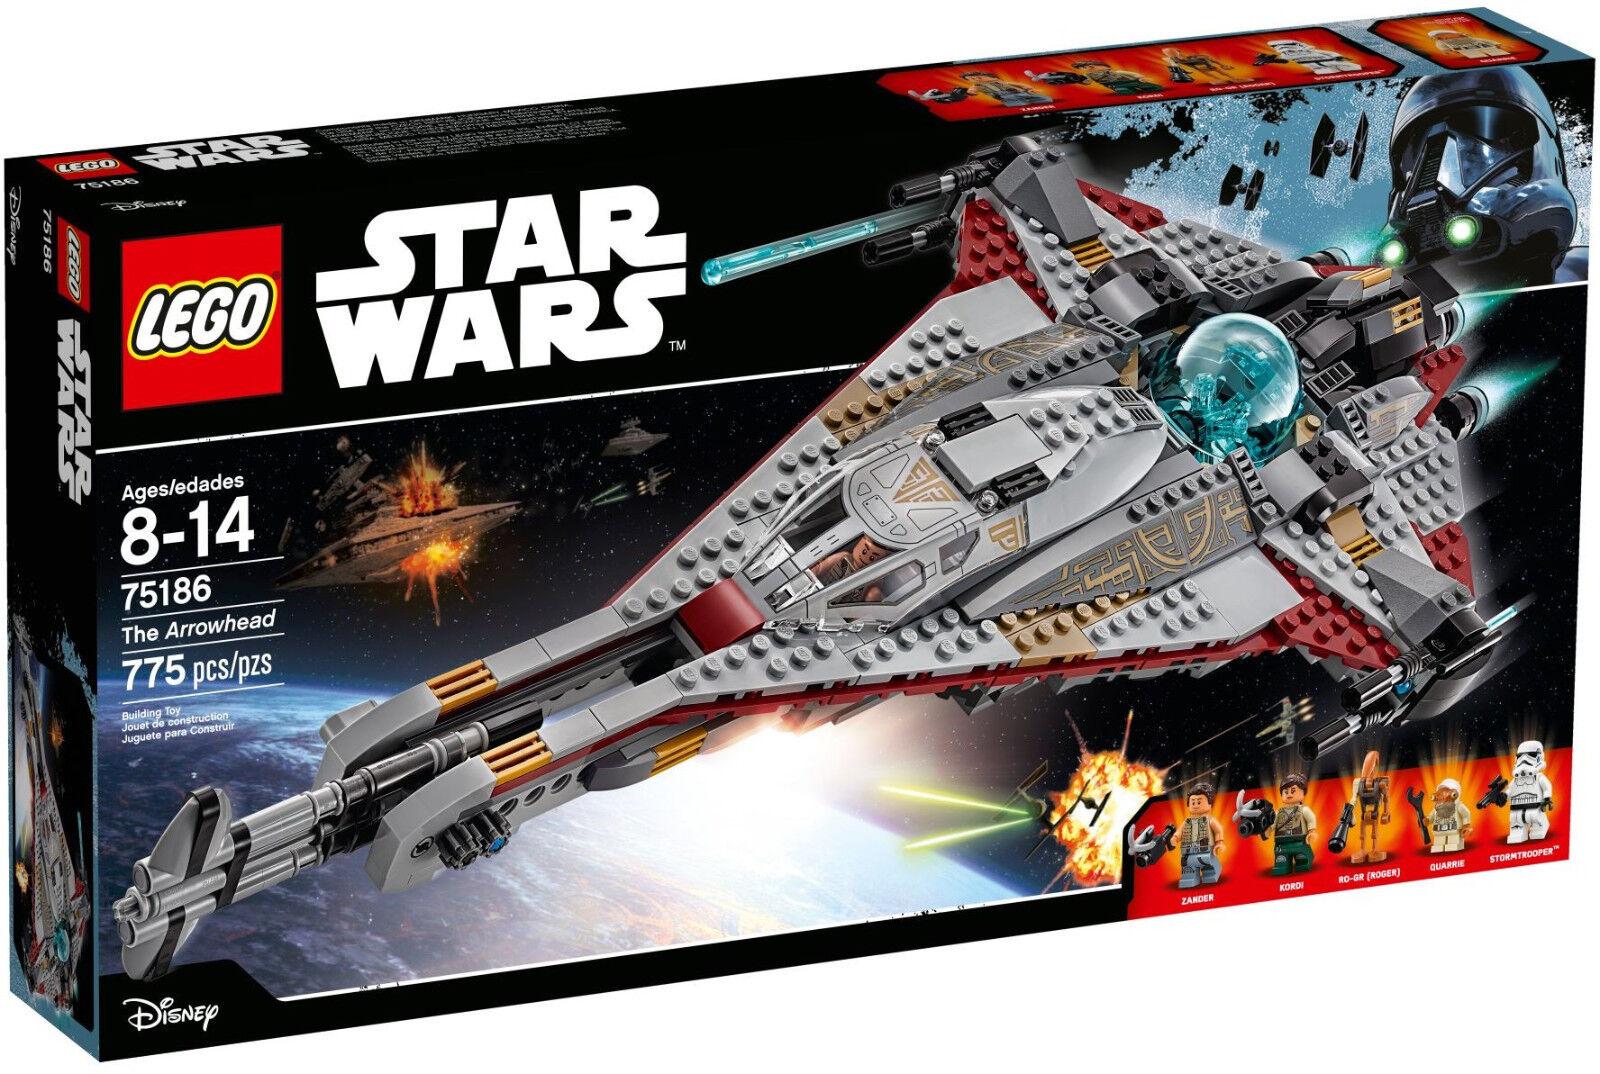 benvenuto a comprare LEGO Estrella Guerras 75186-LA PUNTA DELLA DELLA DELLA FRECCIA-NUOVO e SIGILLATO (ribelli)  grande sconto